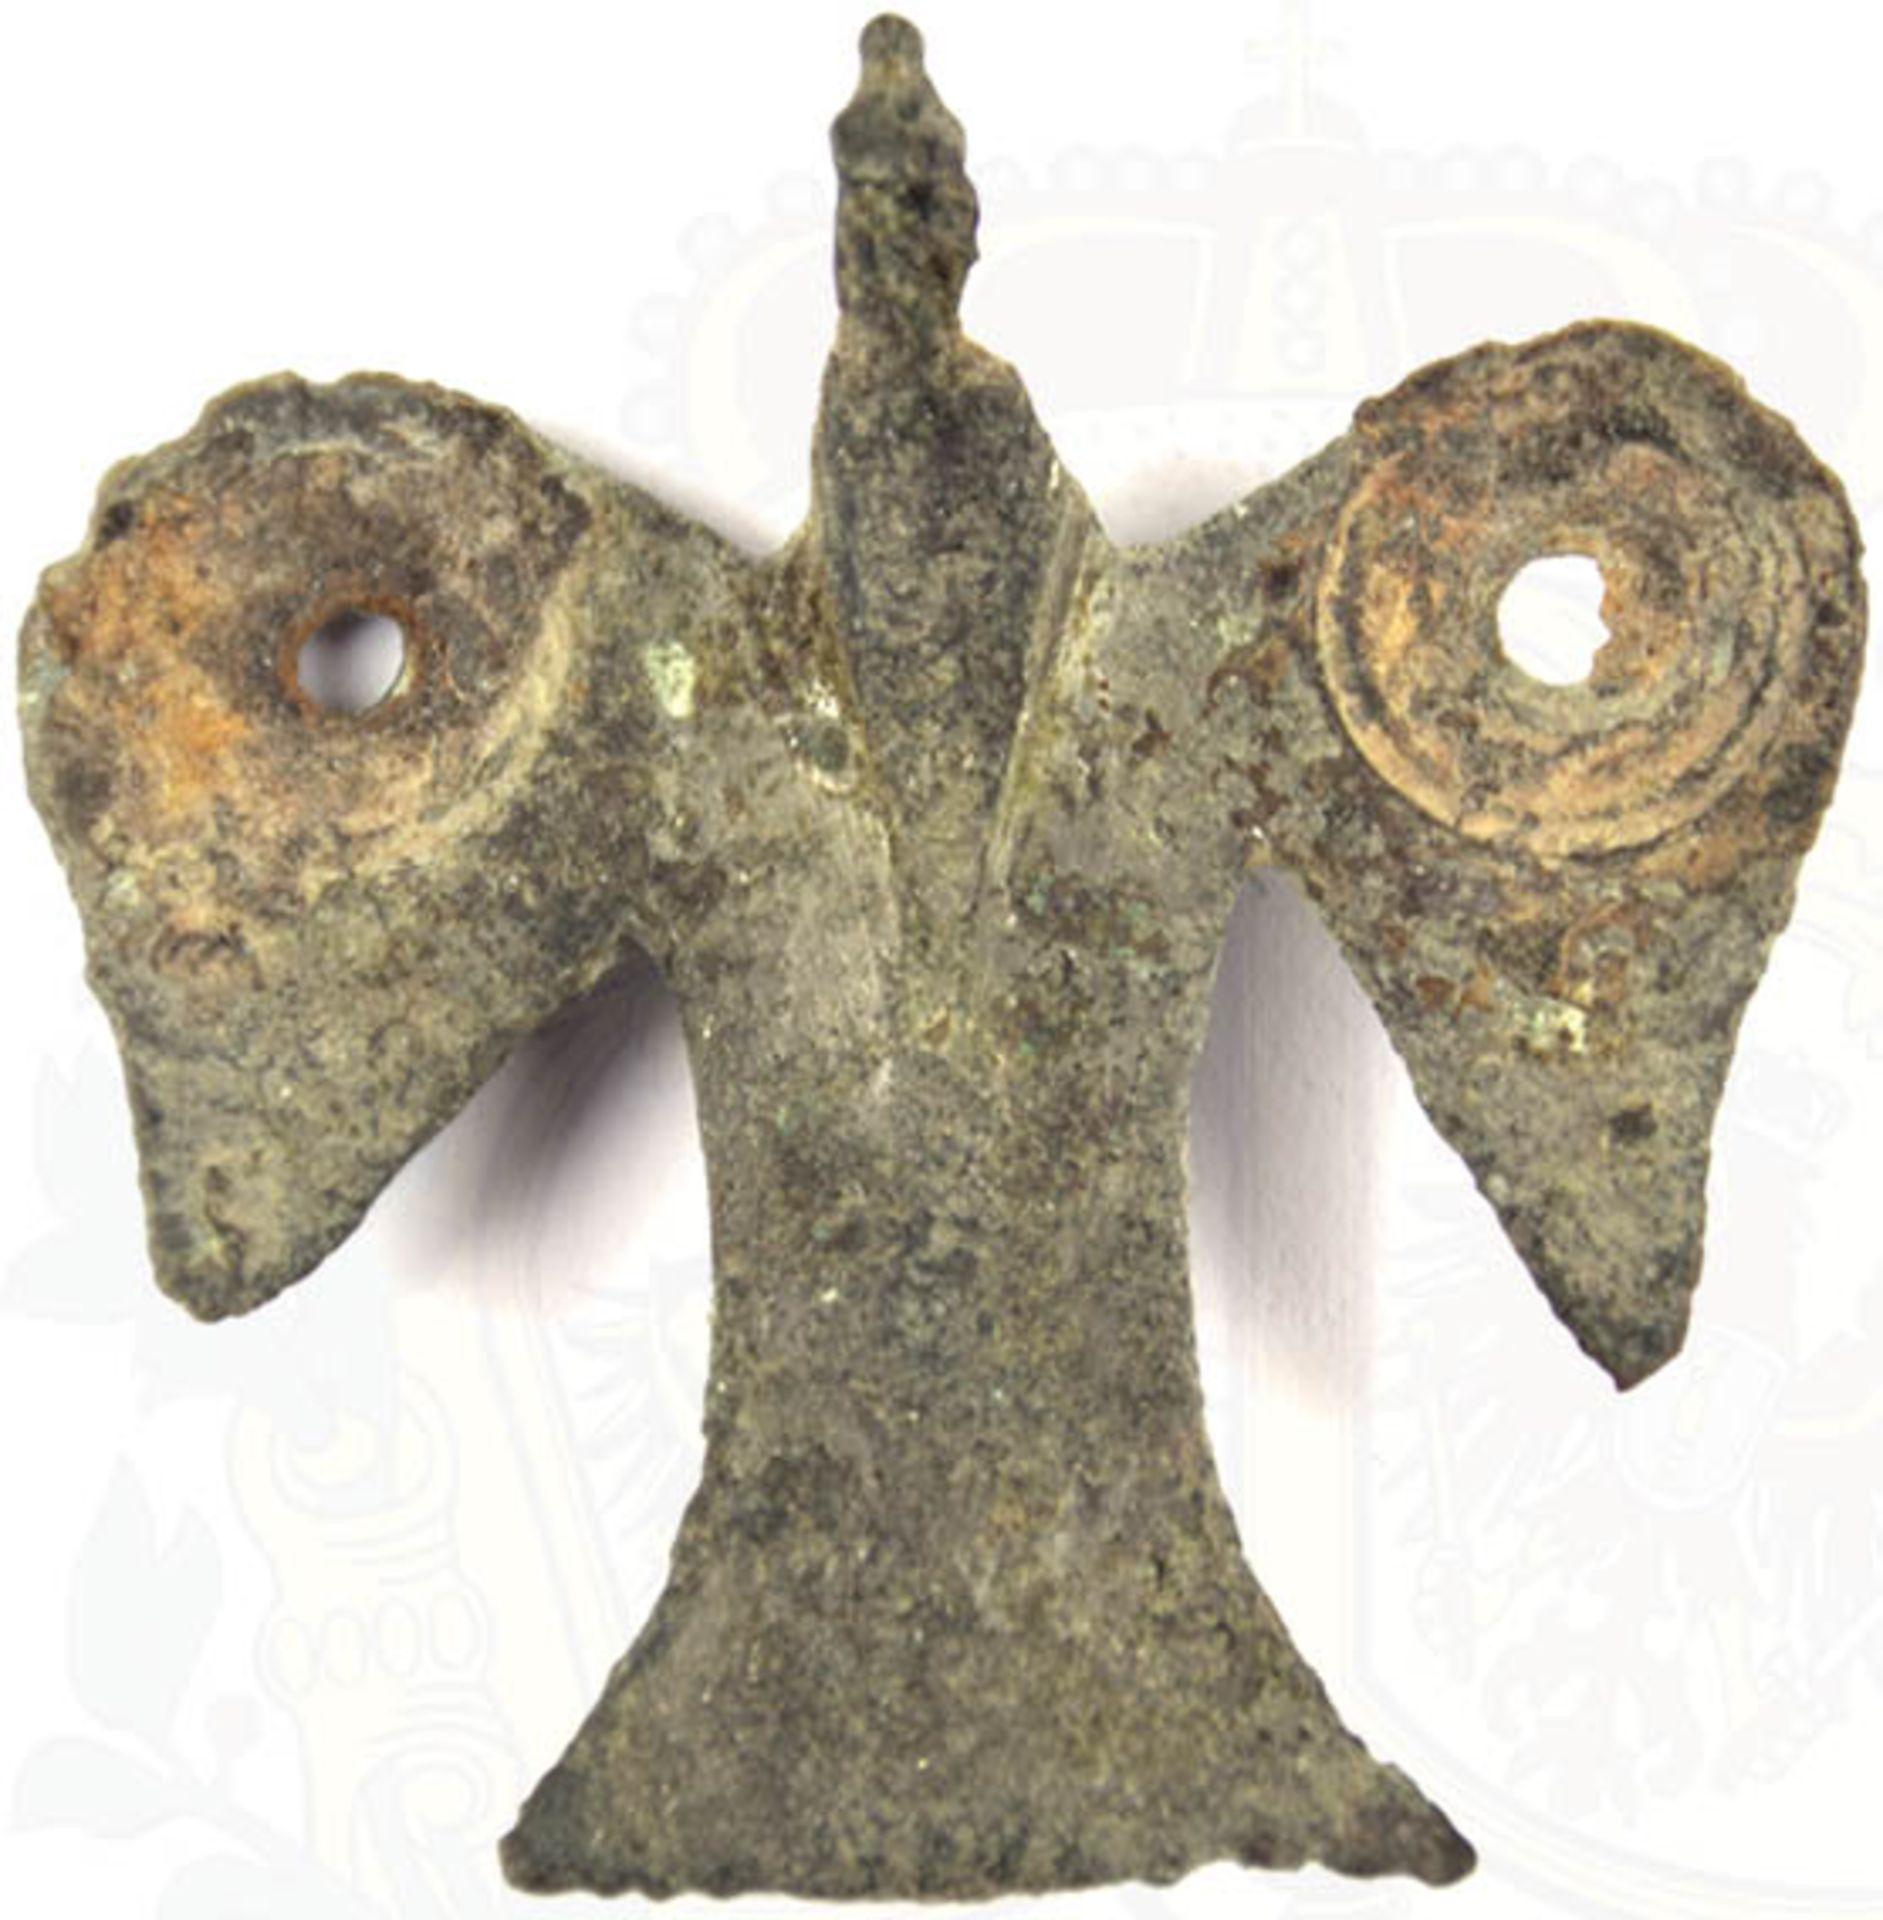 FIBEL IN VOGELFORM, Bronze, tls. korrodiert, Reste e. Verslb. vorhanden, 35x34 mm < 1078164F,